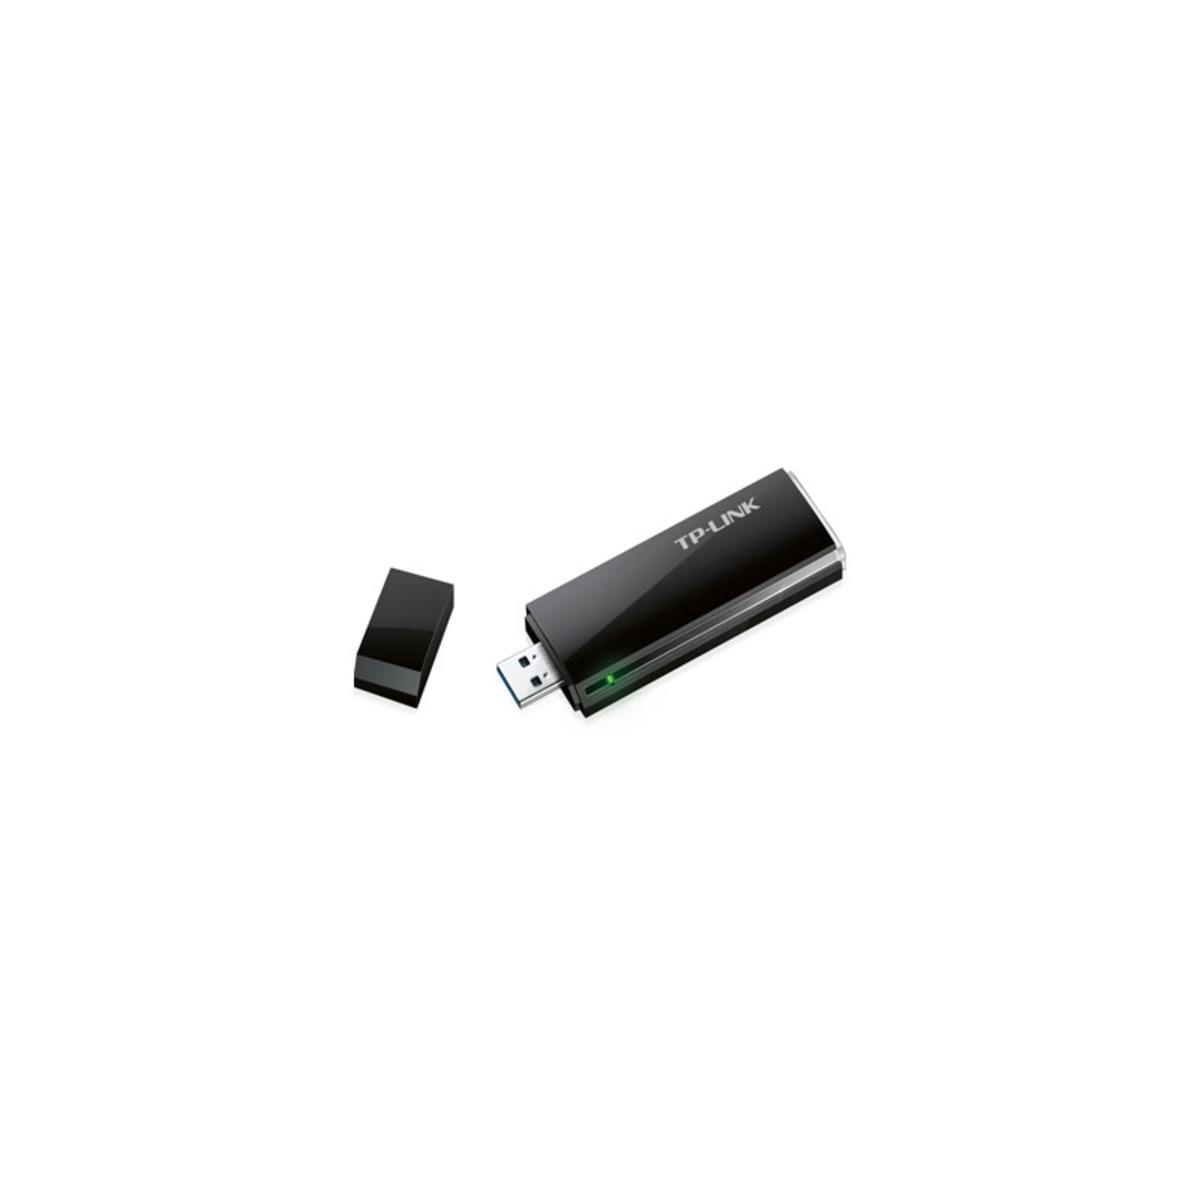 AC1200 無線雙頻 USB接收器 T4U